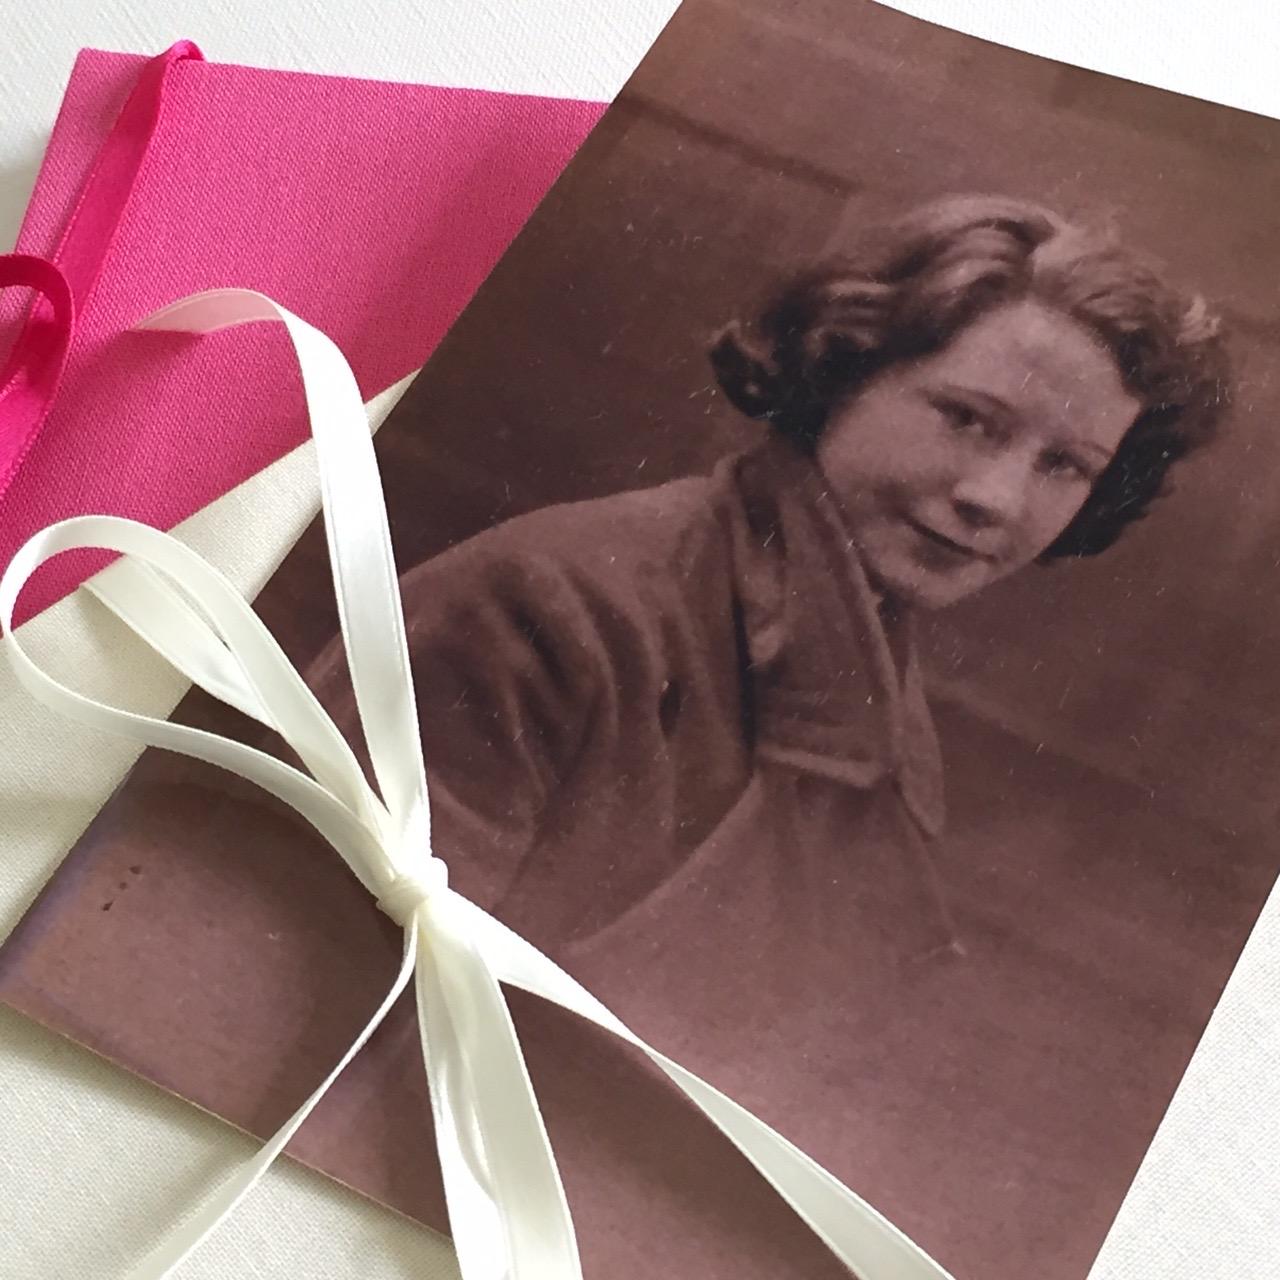 Erinnerungen aufbewahren, Memoryboxx, Aufbewahren von Erinnerungen, Lifestyle Blog, Lieblingsstil.com,